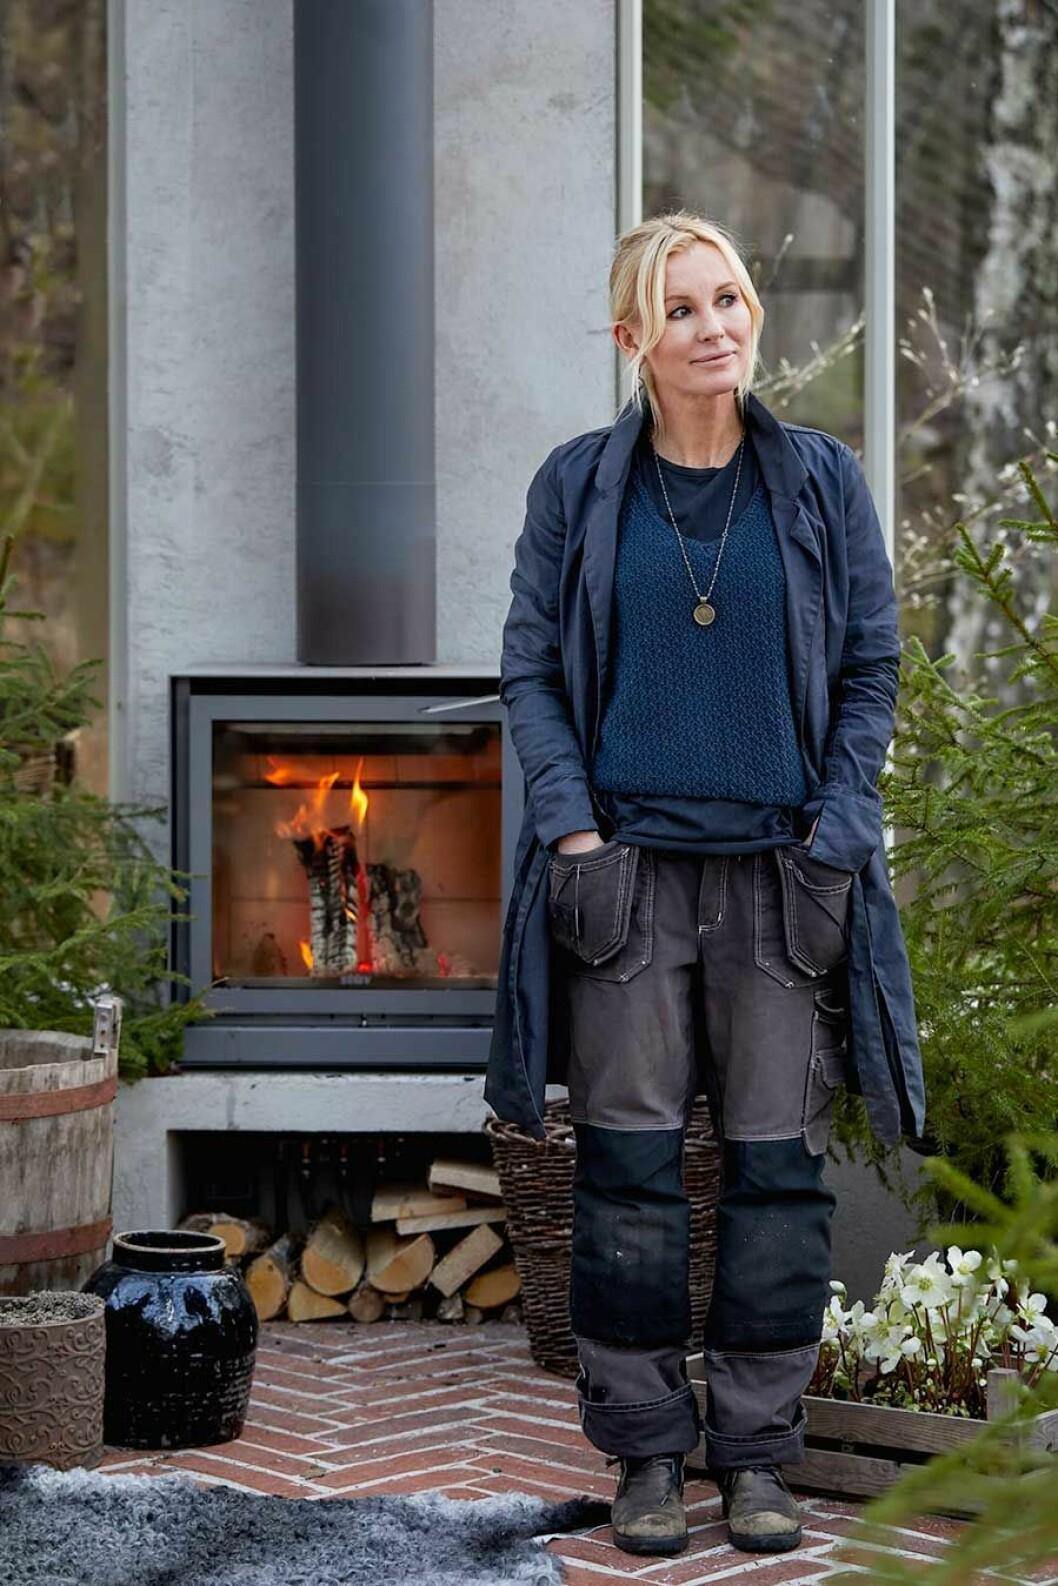 Victoria Skoglund - Zetas grundare